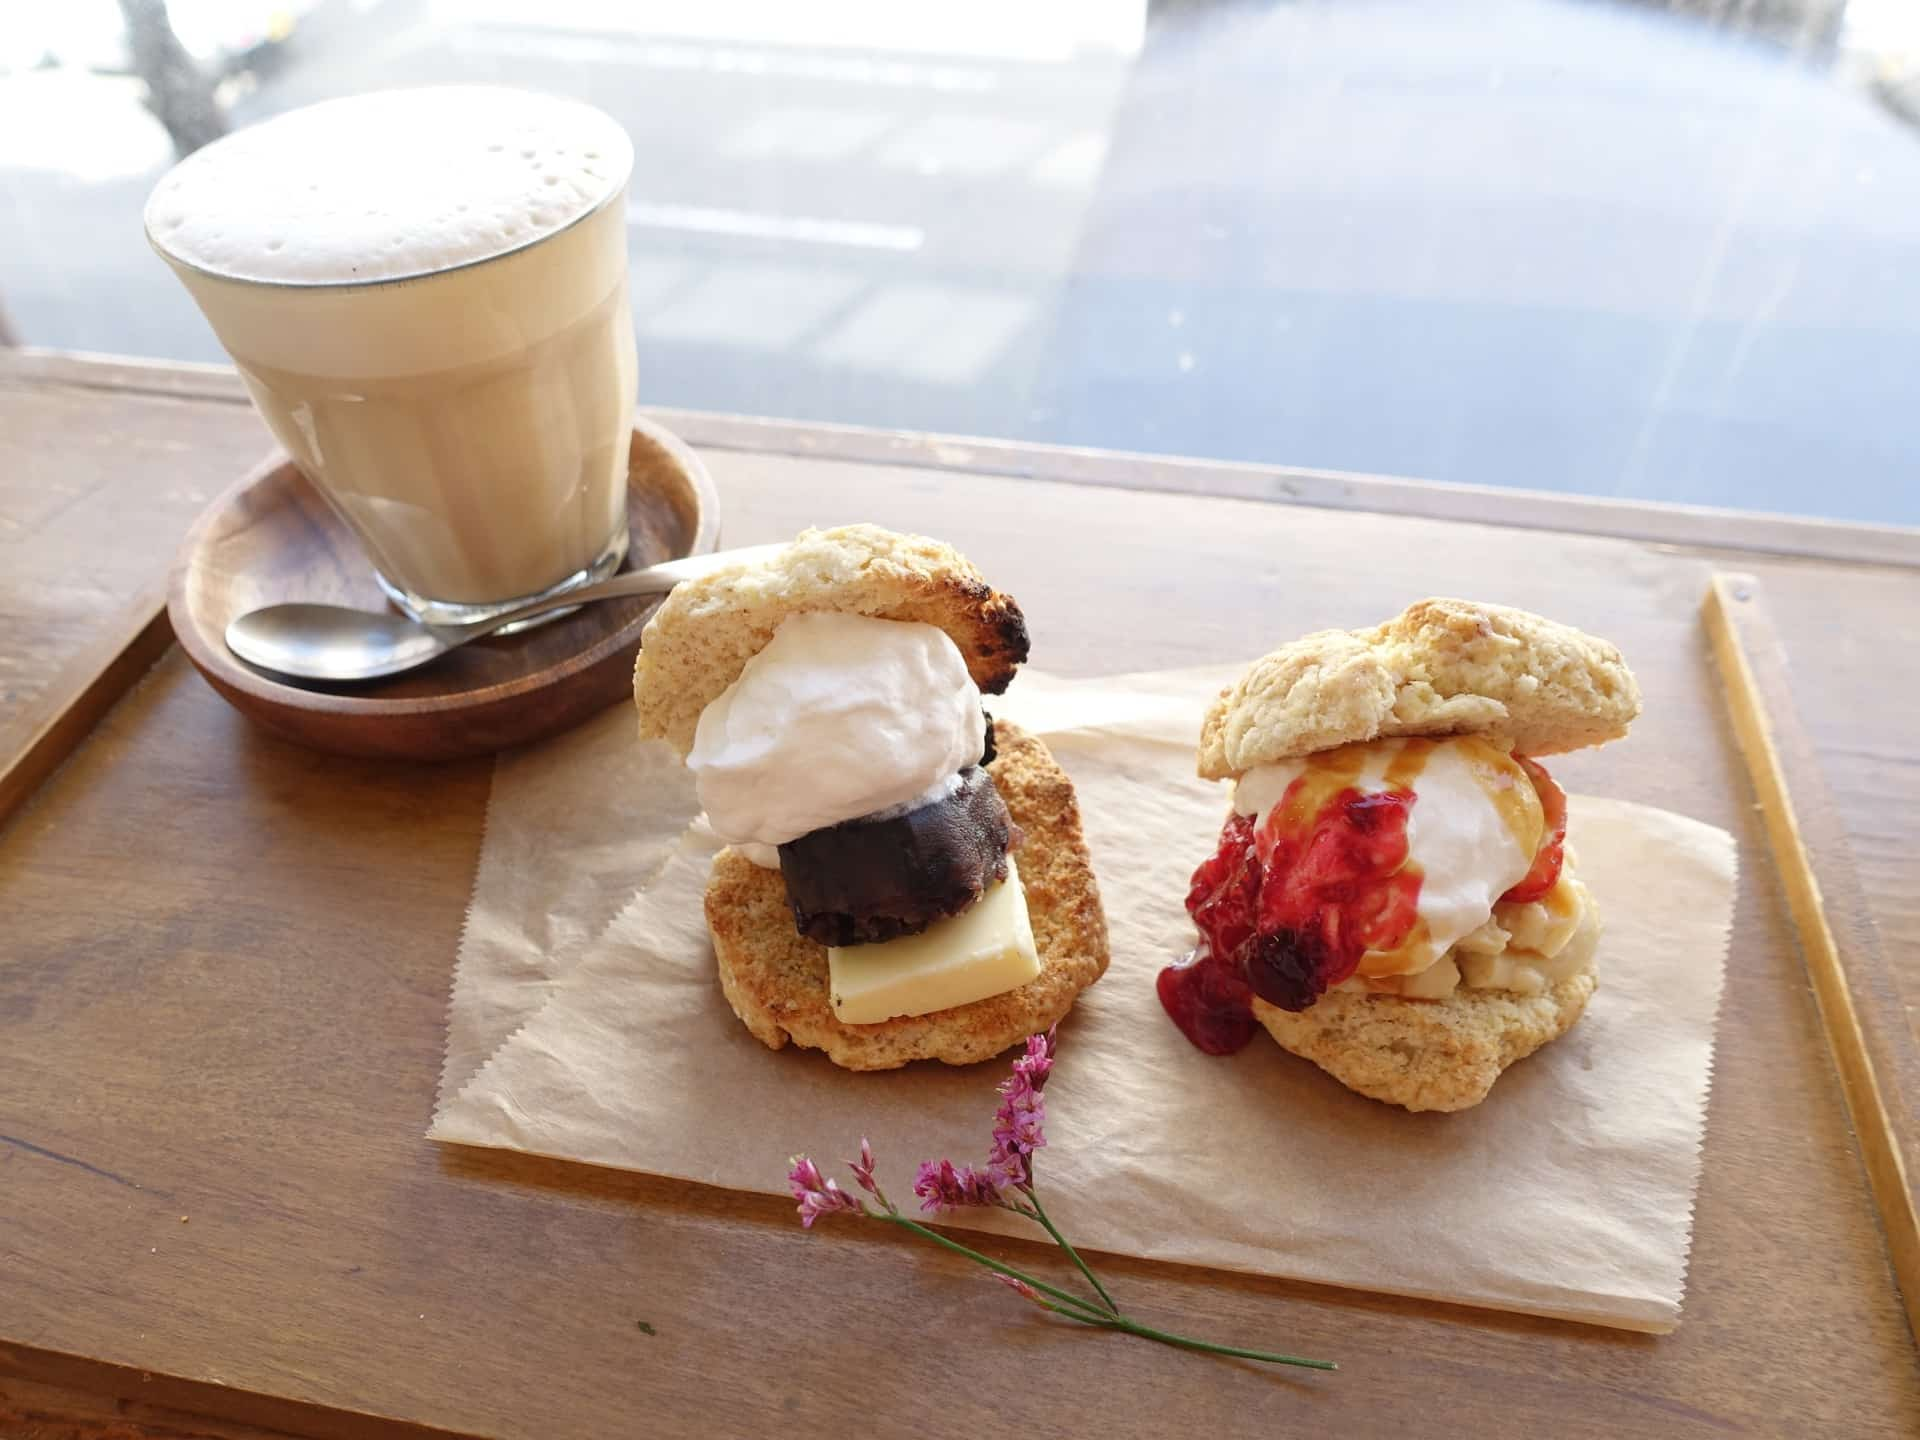 niji cafe(ニジカフェ) − 神戸・元町でほっこり過ごせるカフェ。スコーンはざくざく食感でふわふわ